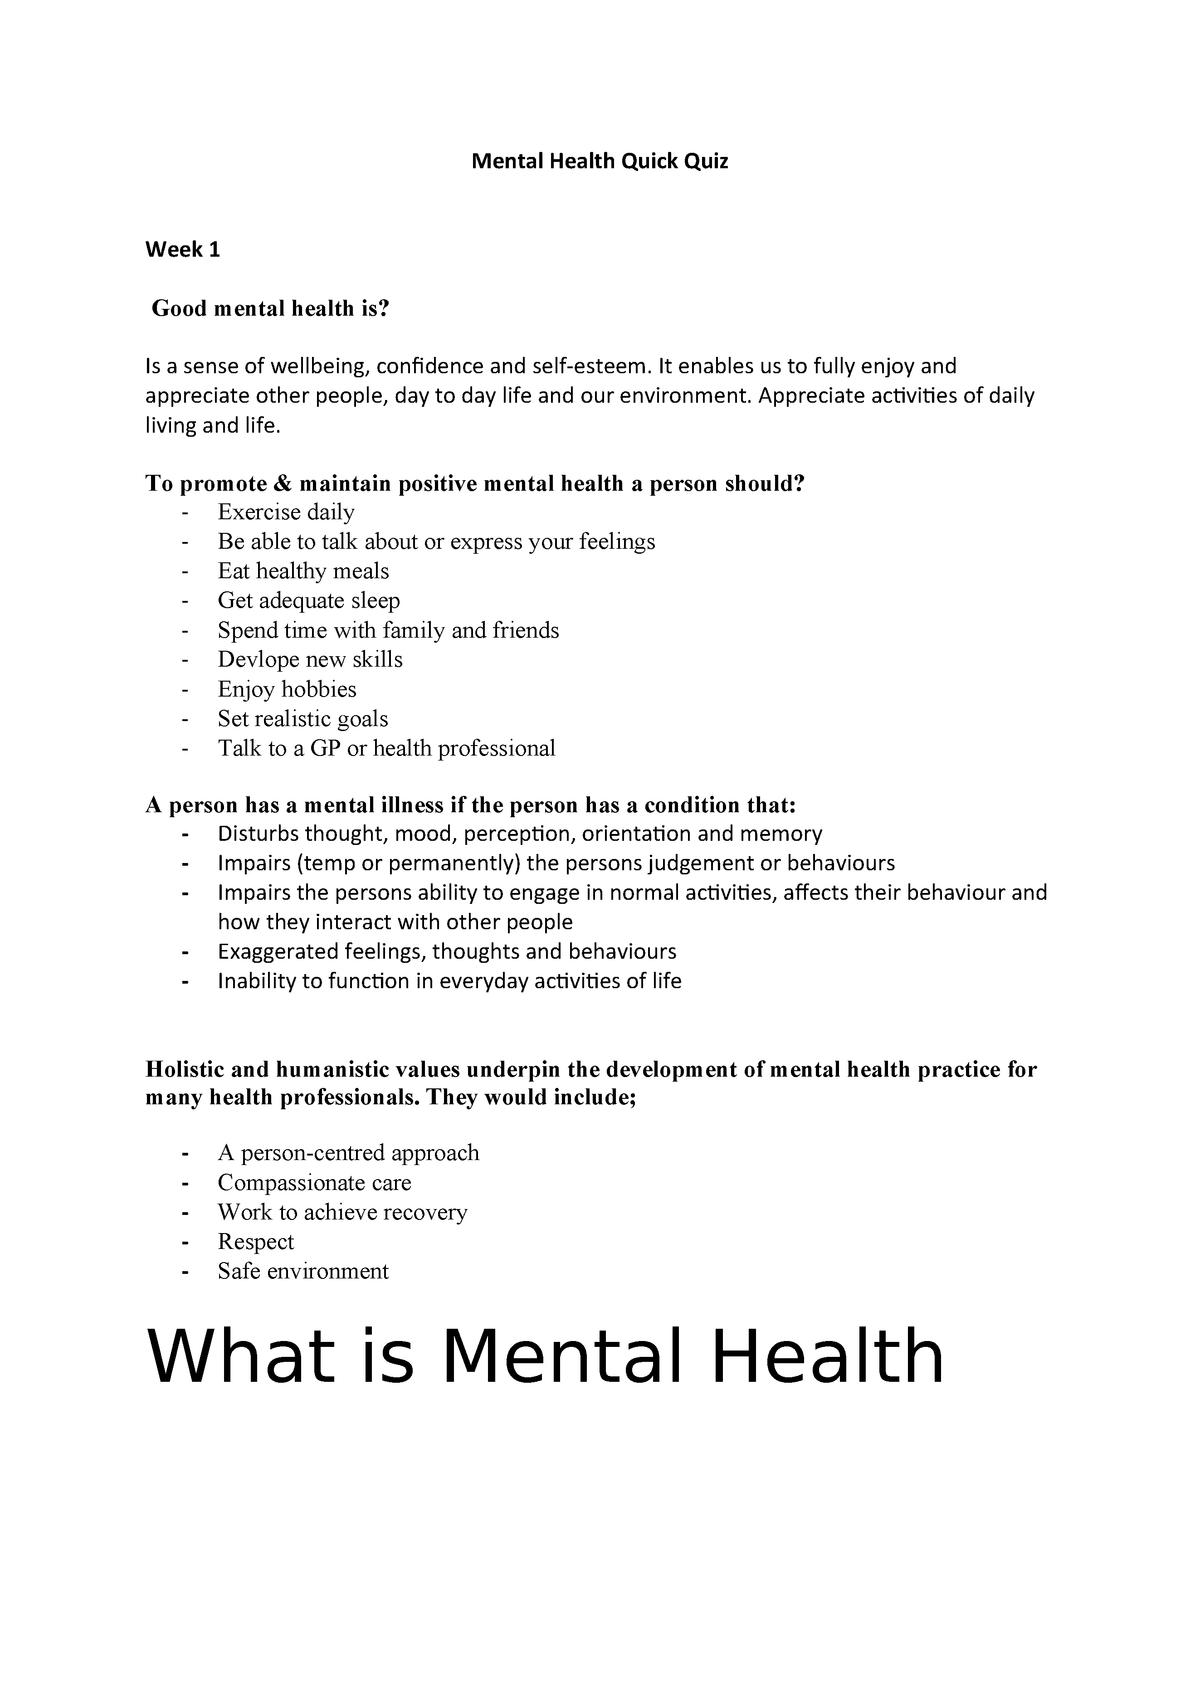 Mental Health Quick Quiz Ncs2102 Ecu Studocu